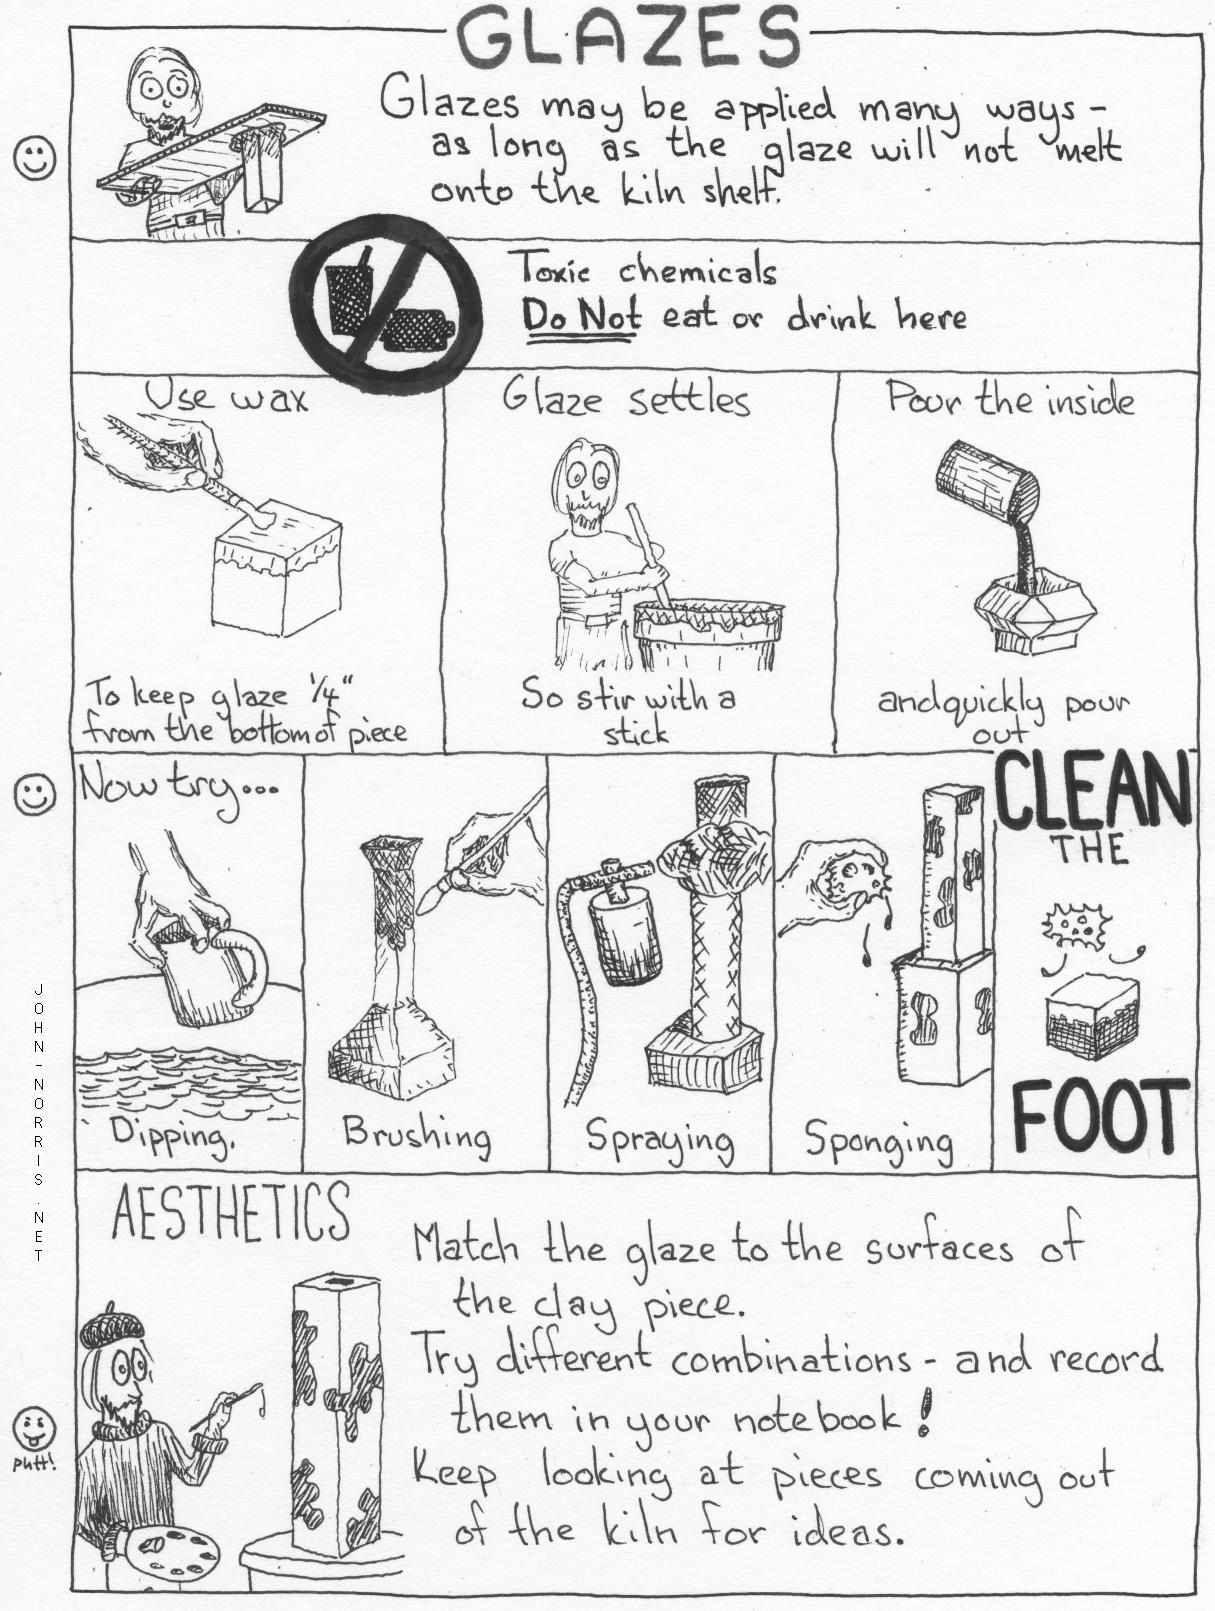 How To Apply Glaze